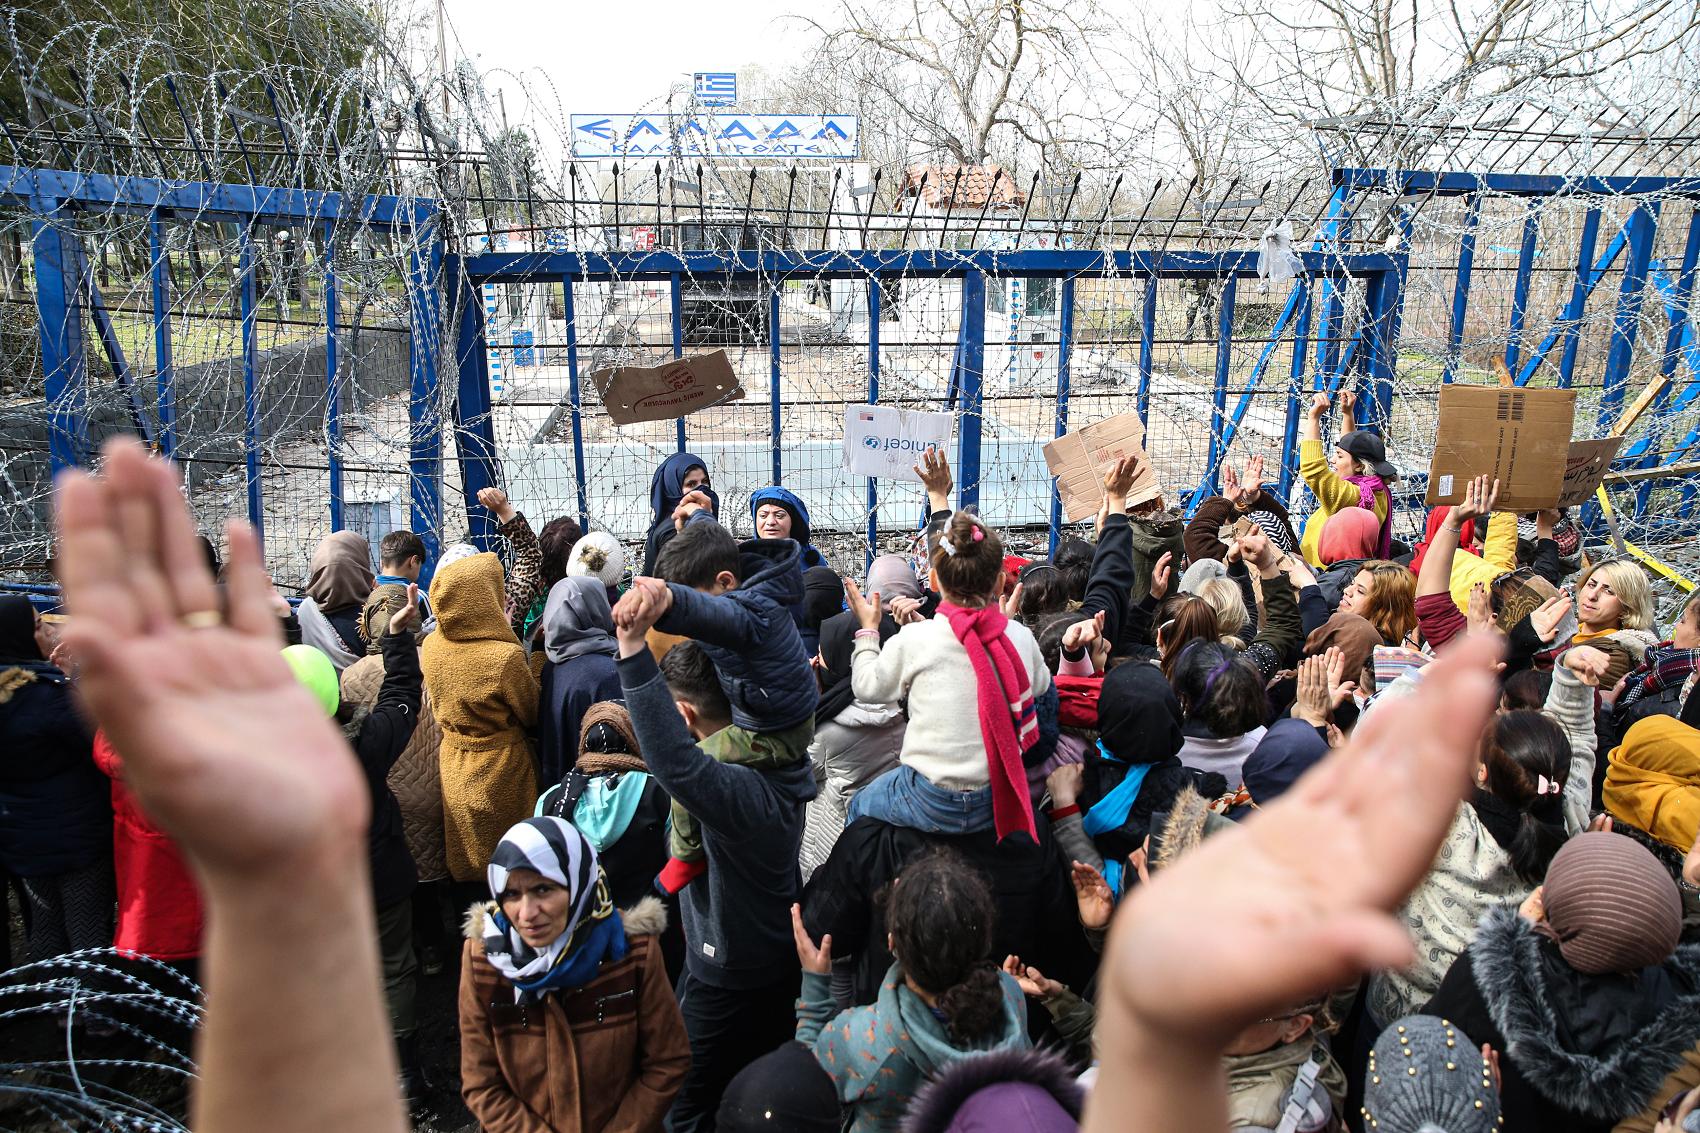 خمسة أسئلة : تركيا وأزمة اللاجئين